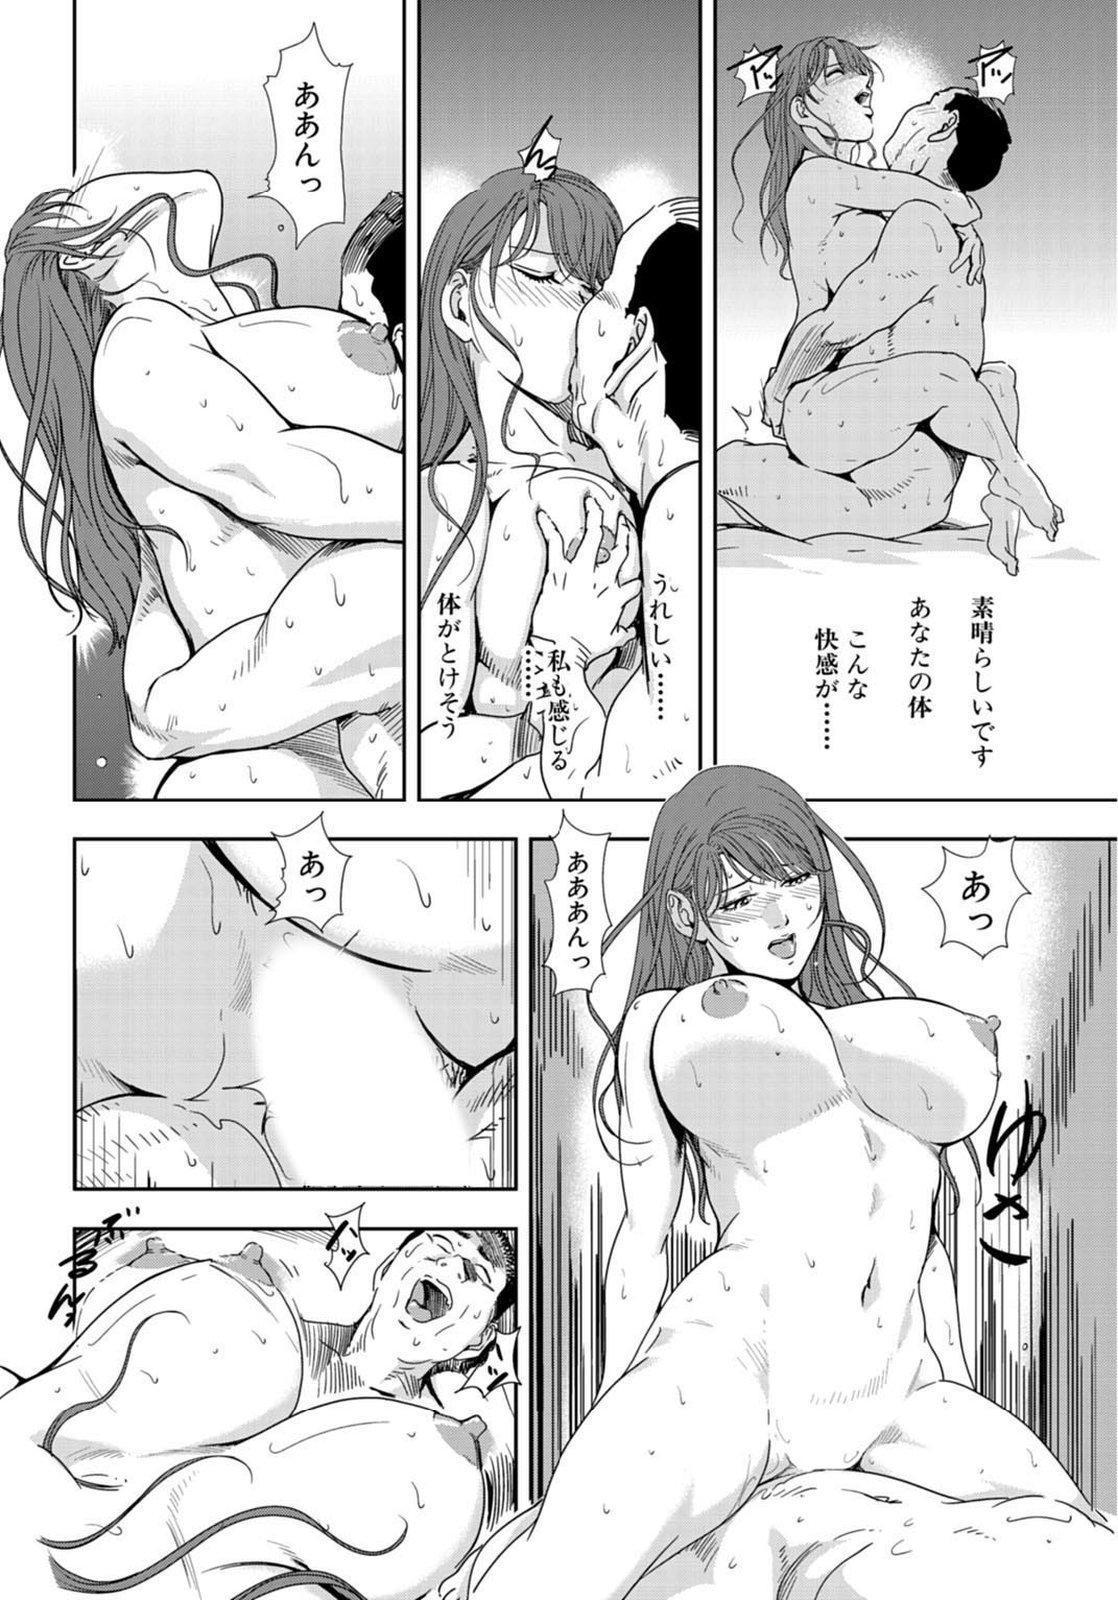 Nikuhisyo Yukiko 21 69